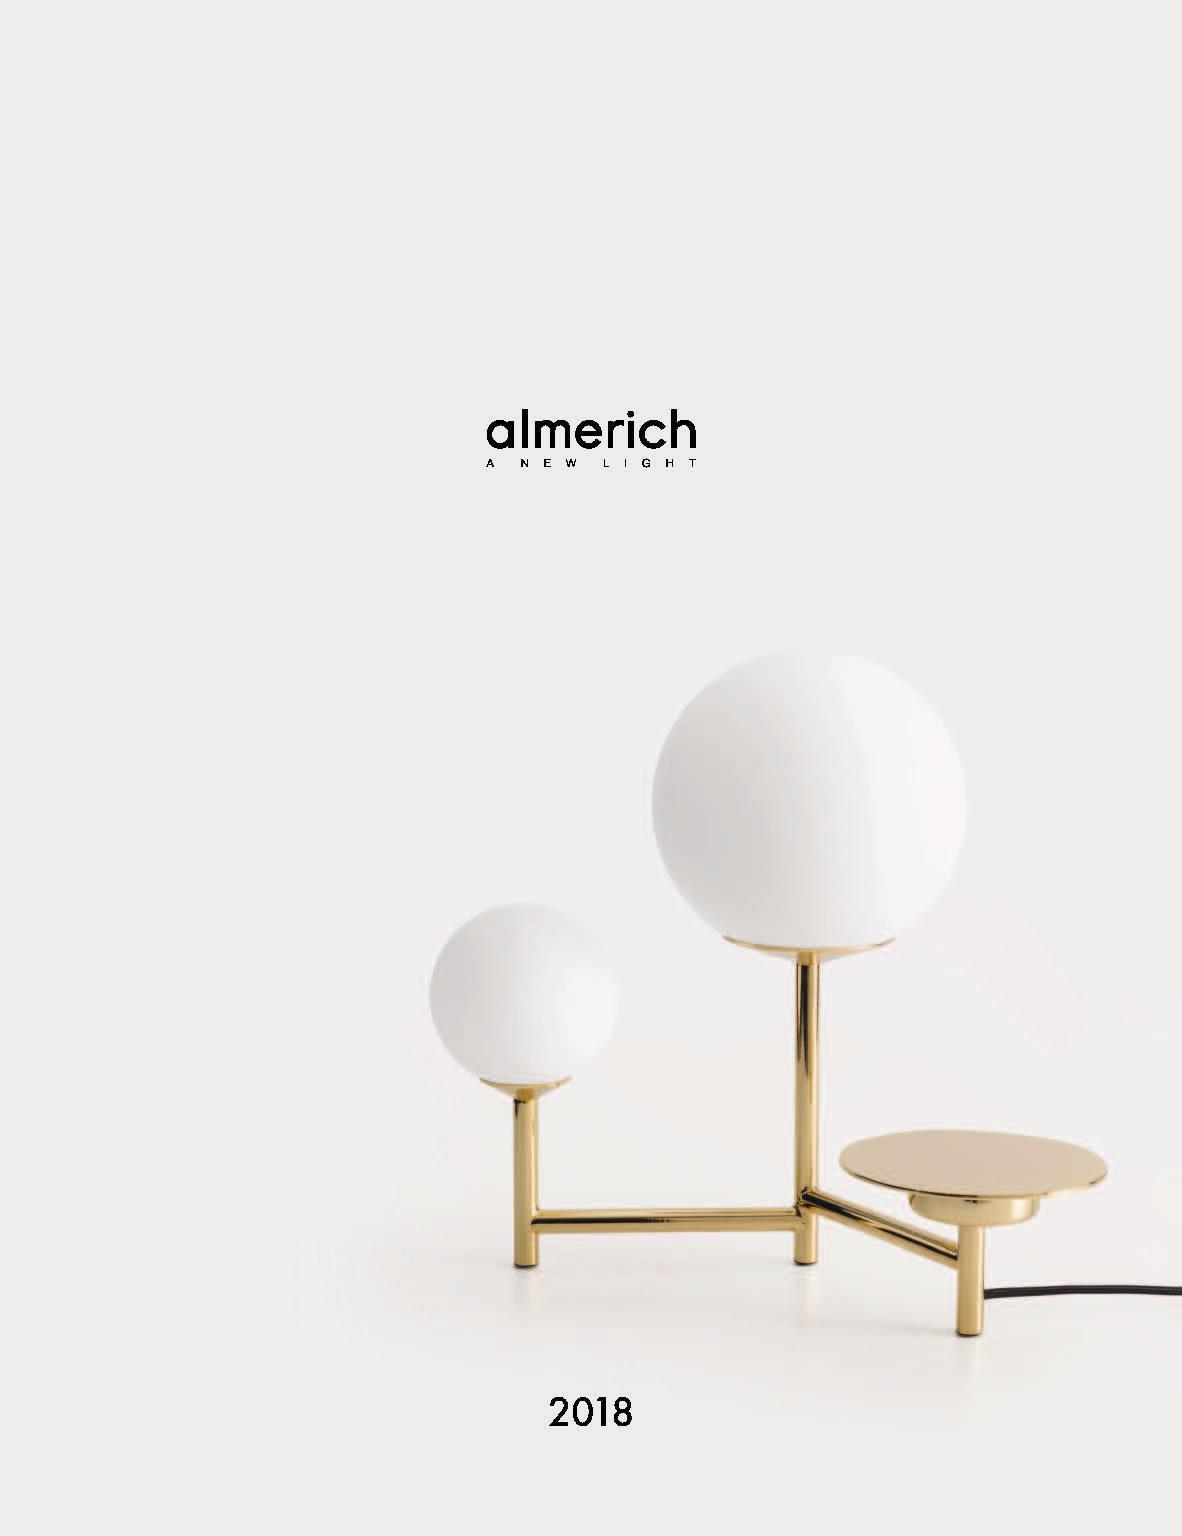 ALMERICH